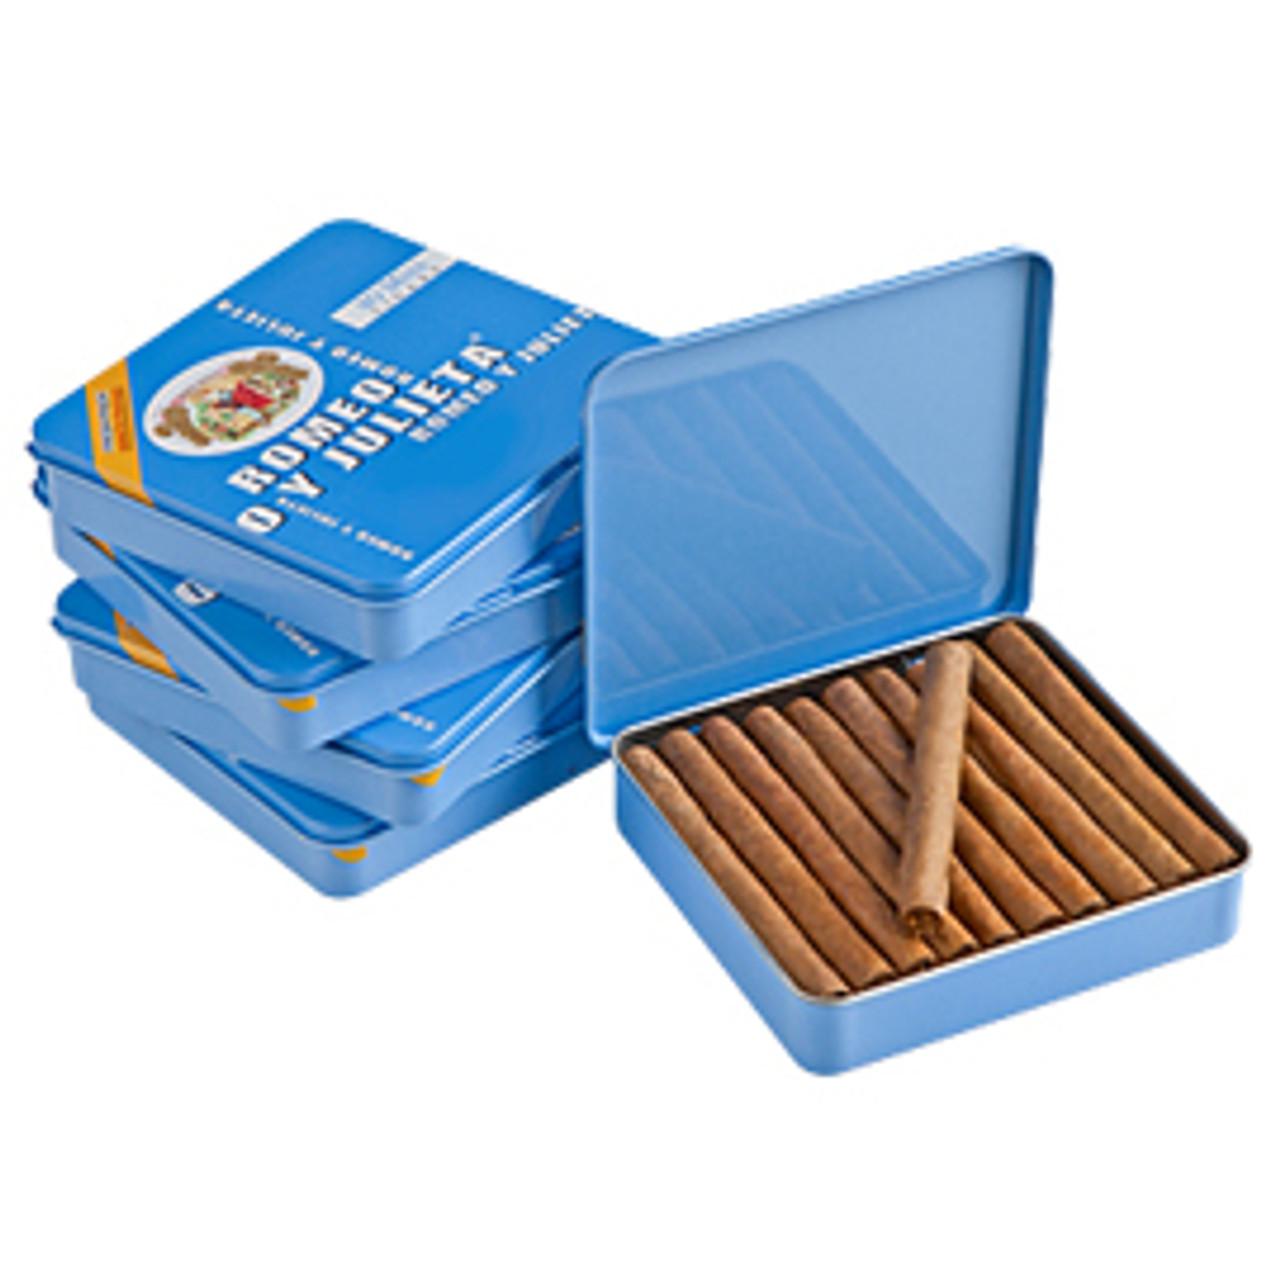 Romeo y Julieta 1875 Mini Blue Mild Cigars - 2.88 x 20 (5 Tins of 20 (100 total))